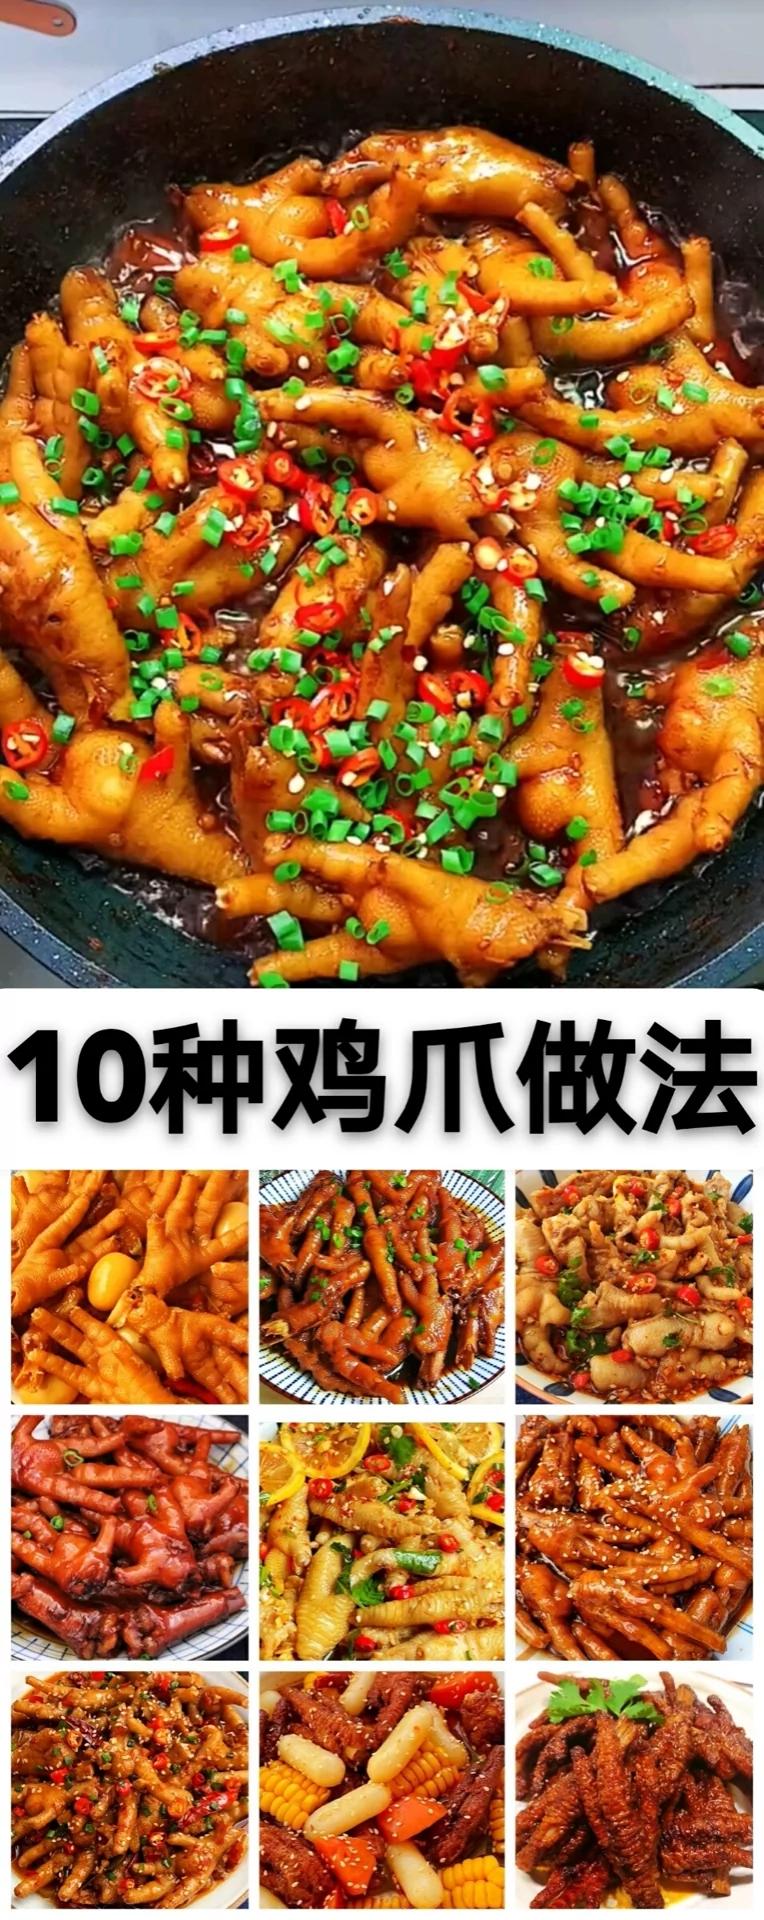 家常鸡爪的做法及配料 美食做法 第1张